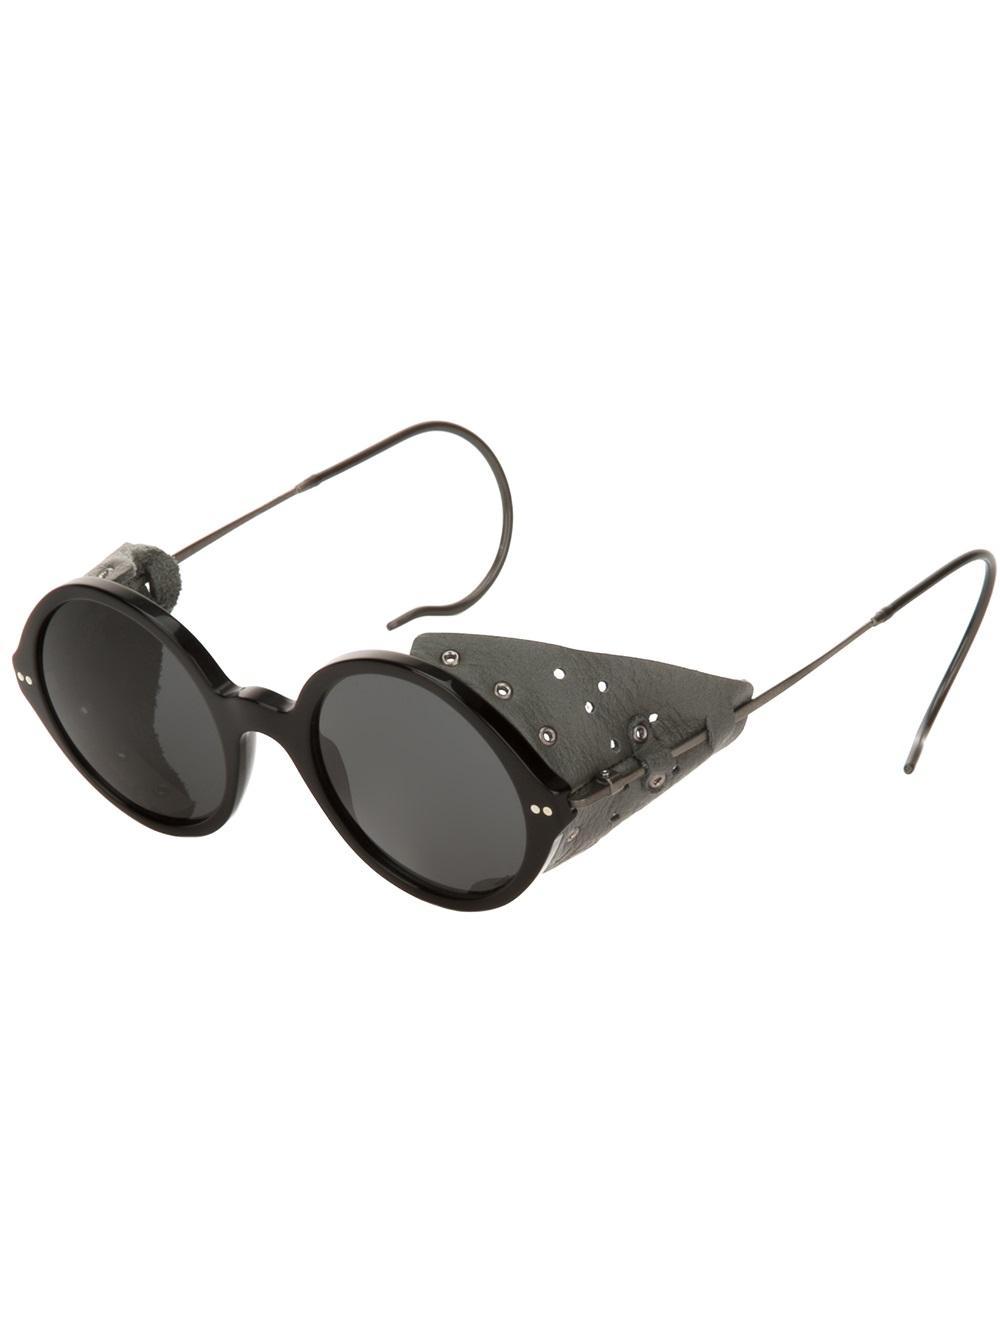 Giorgio Armani Glasses Black Frame : Giorgio Armani Round Frame Sunglasses in Black for Men Lyst